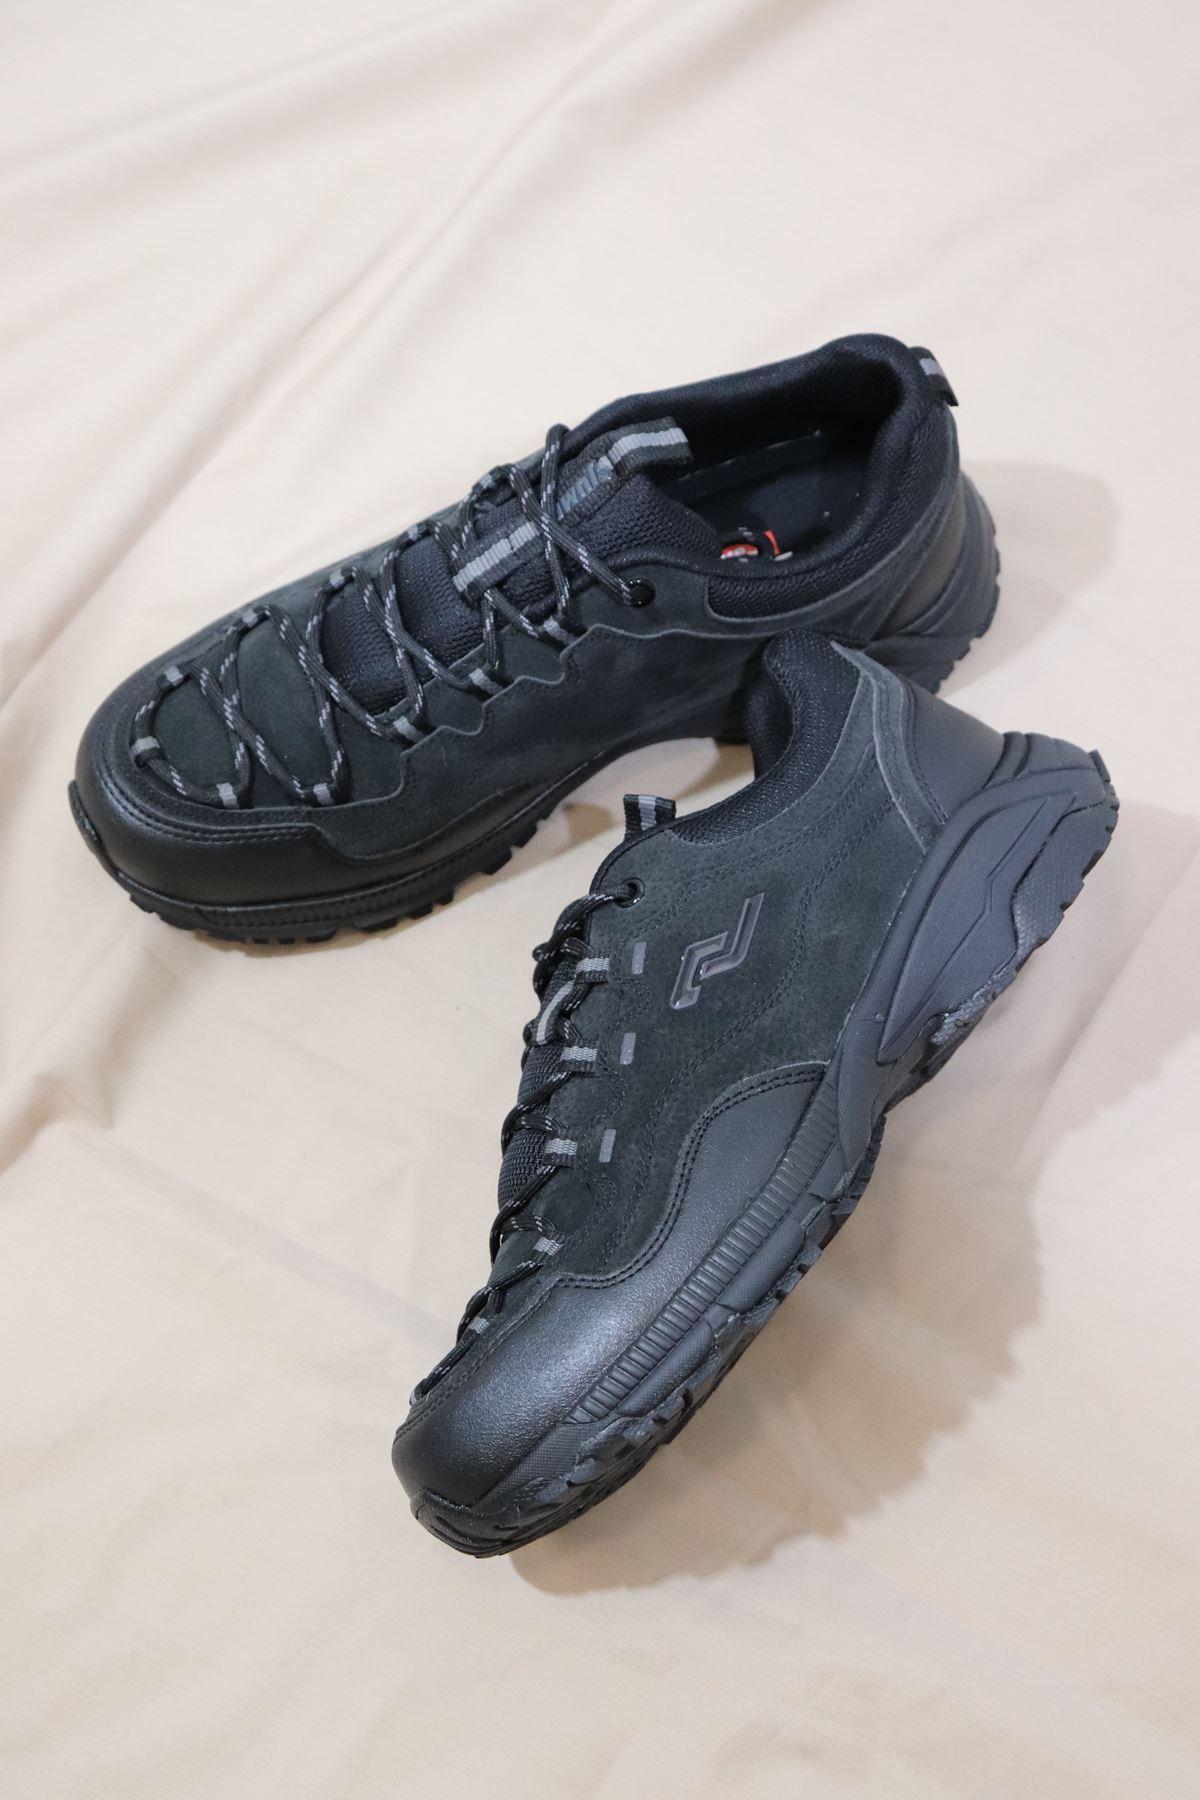 JUMP - 25700 Siyah Erkek Spor Ayakkabısı